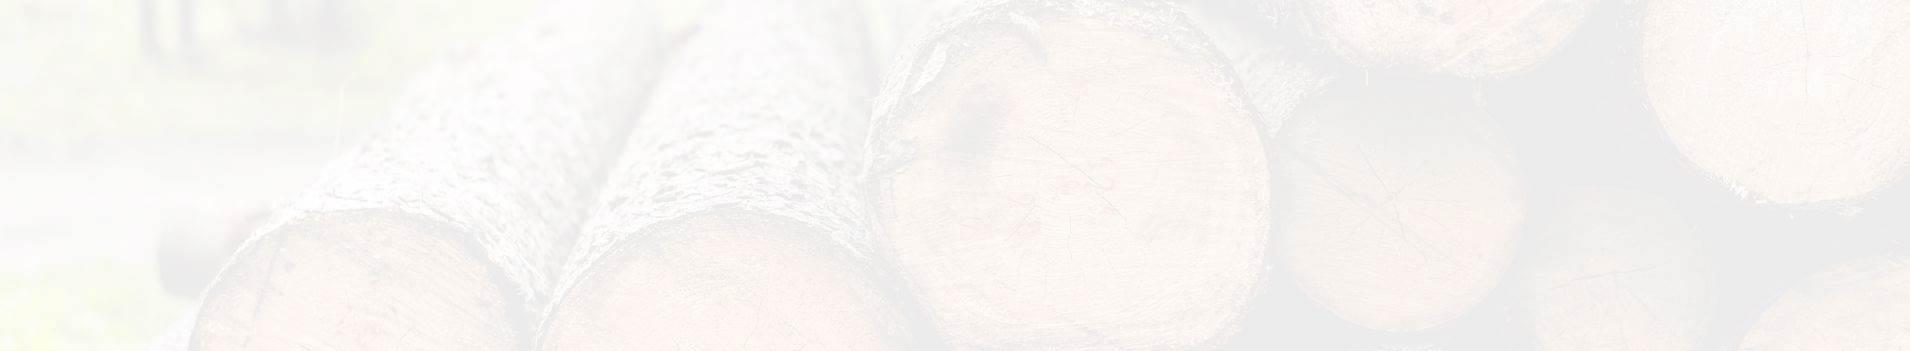 Aufgeschlichtete-Baumstaemme-Hintergrund-Startseite